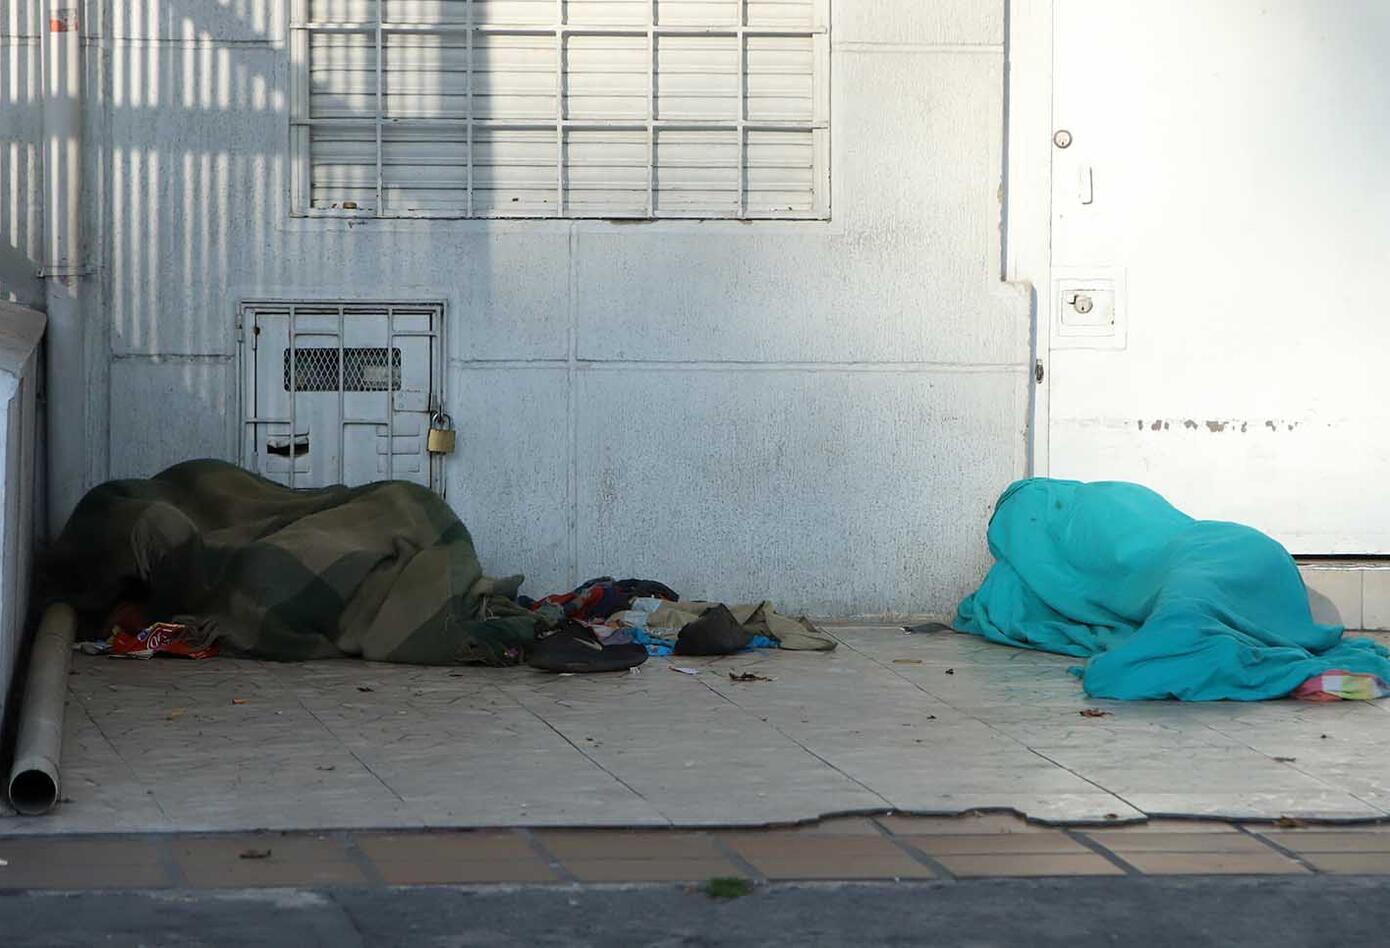 La triste realidad de los habitantes de calle en Bogotá